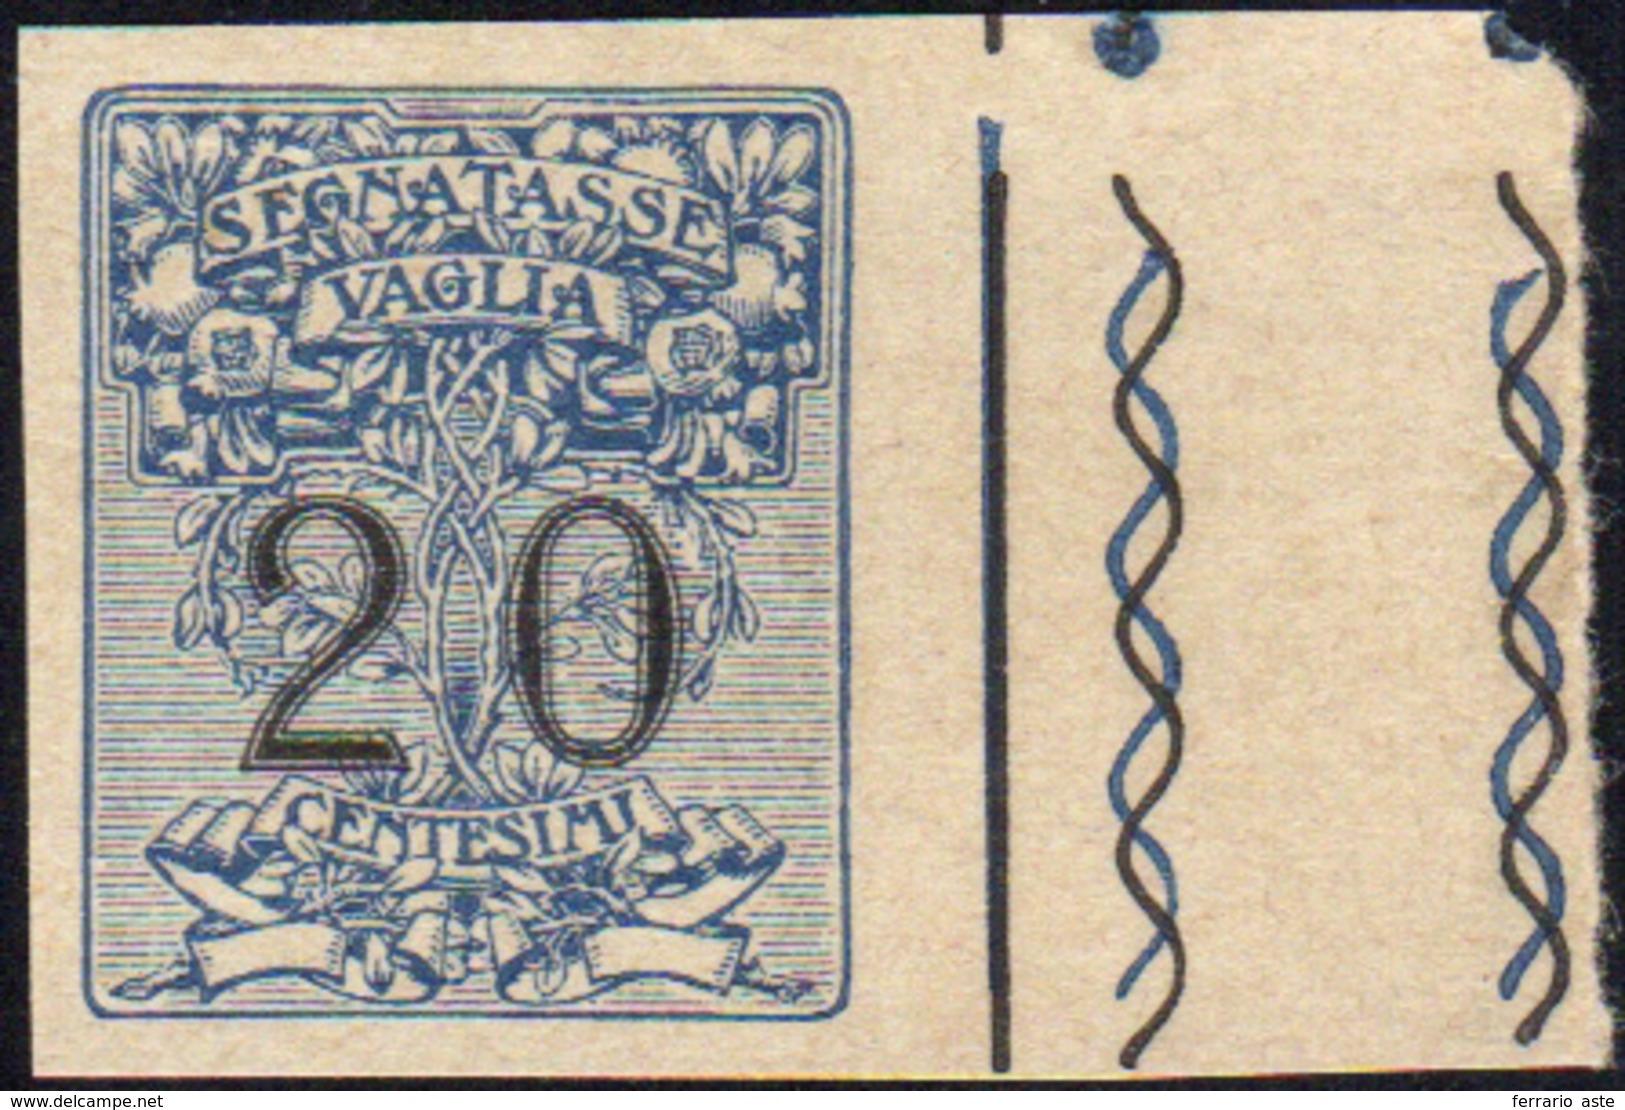 1322 1924 - 20 Cent. Segnatasse Vaglia (1), Prova Di Macchina Non Dentellata Su Carta Grigiastra, Bordo D... - Italy